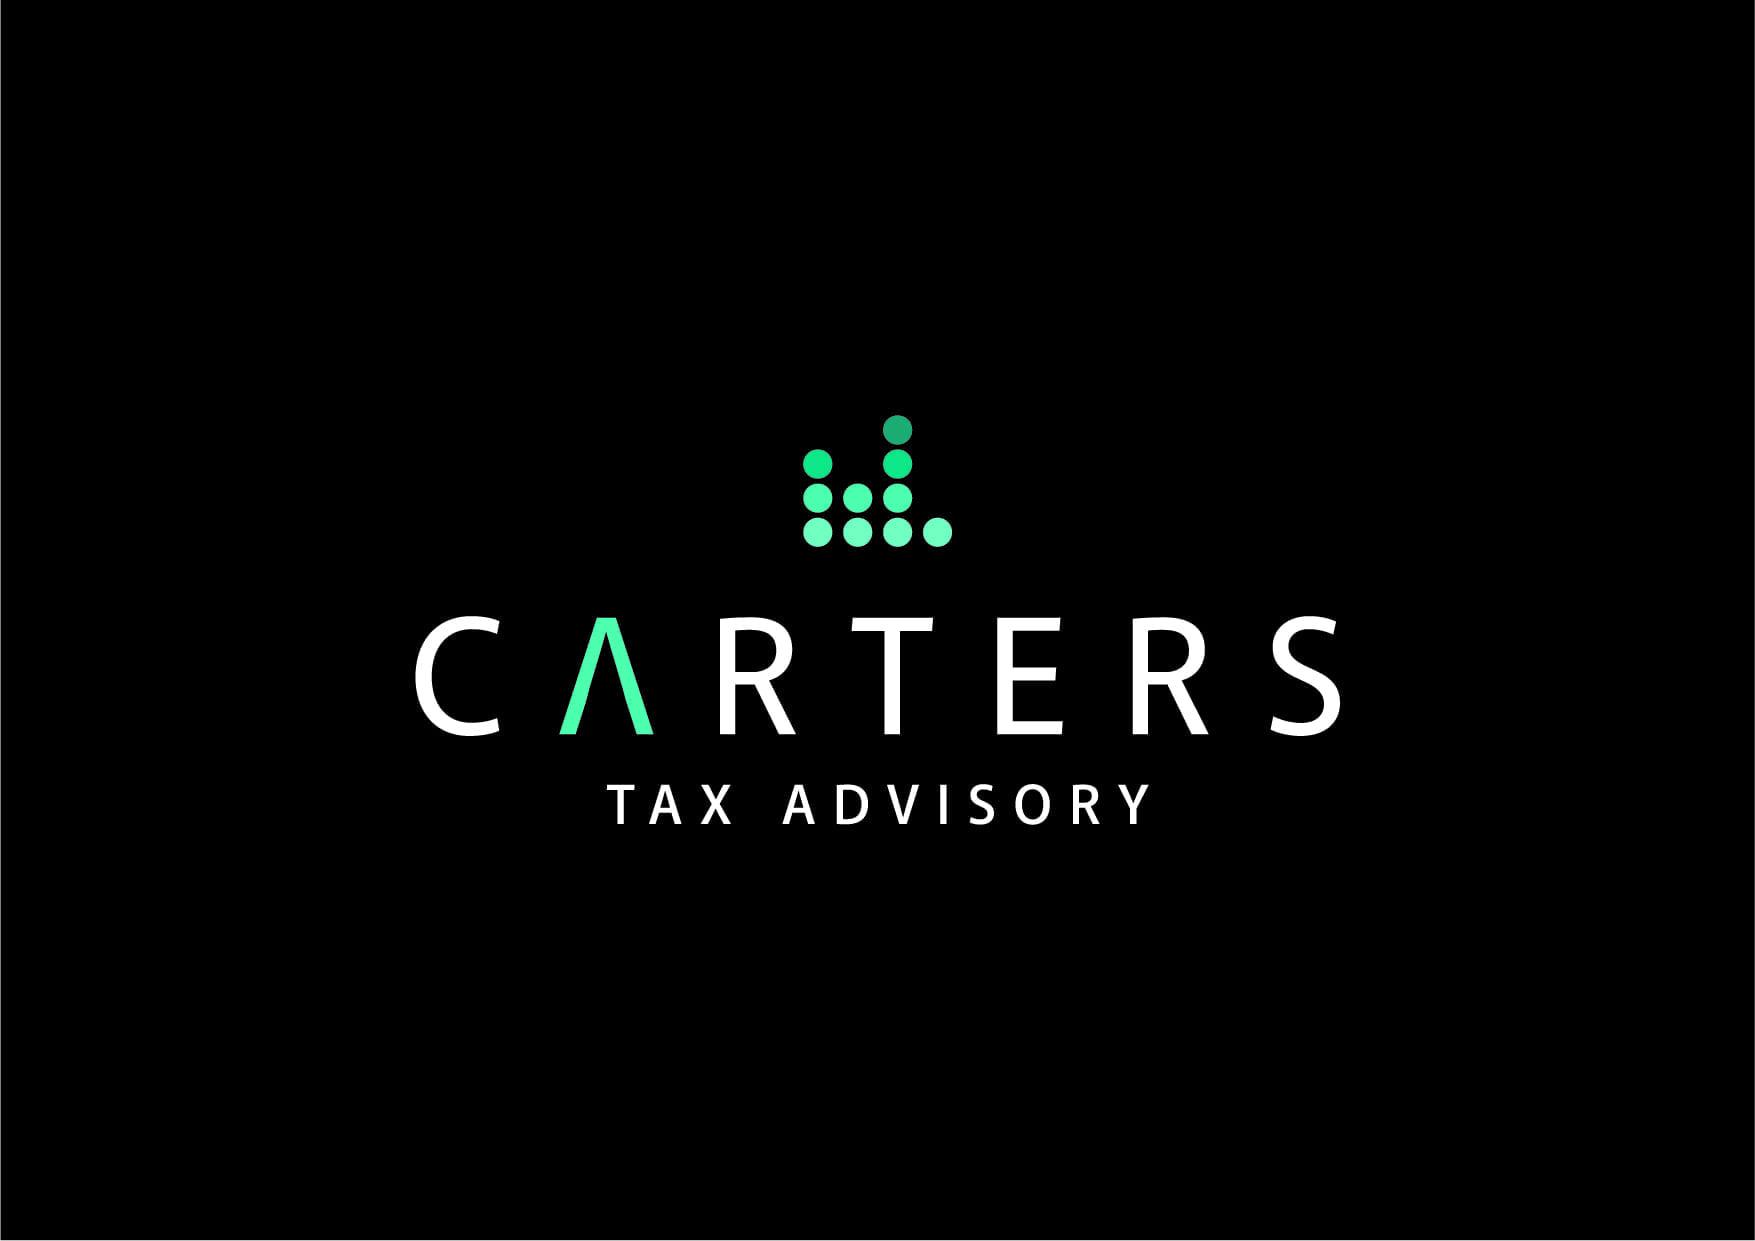 Carter's Tax Advisory